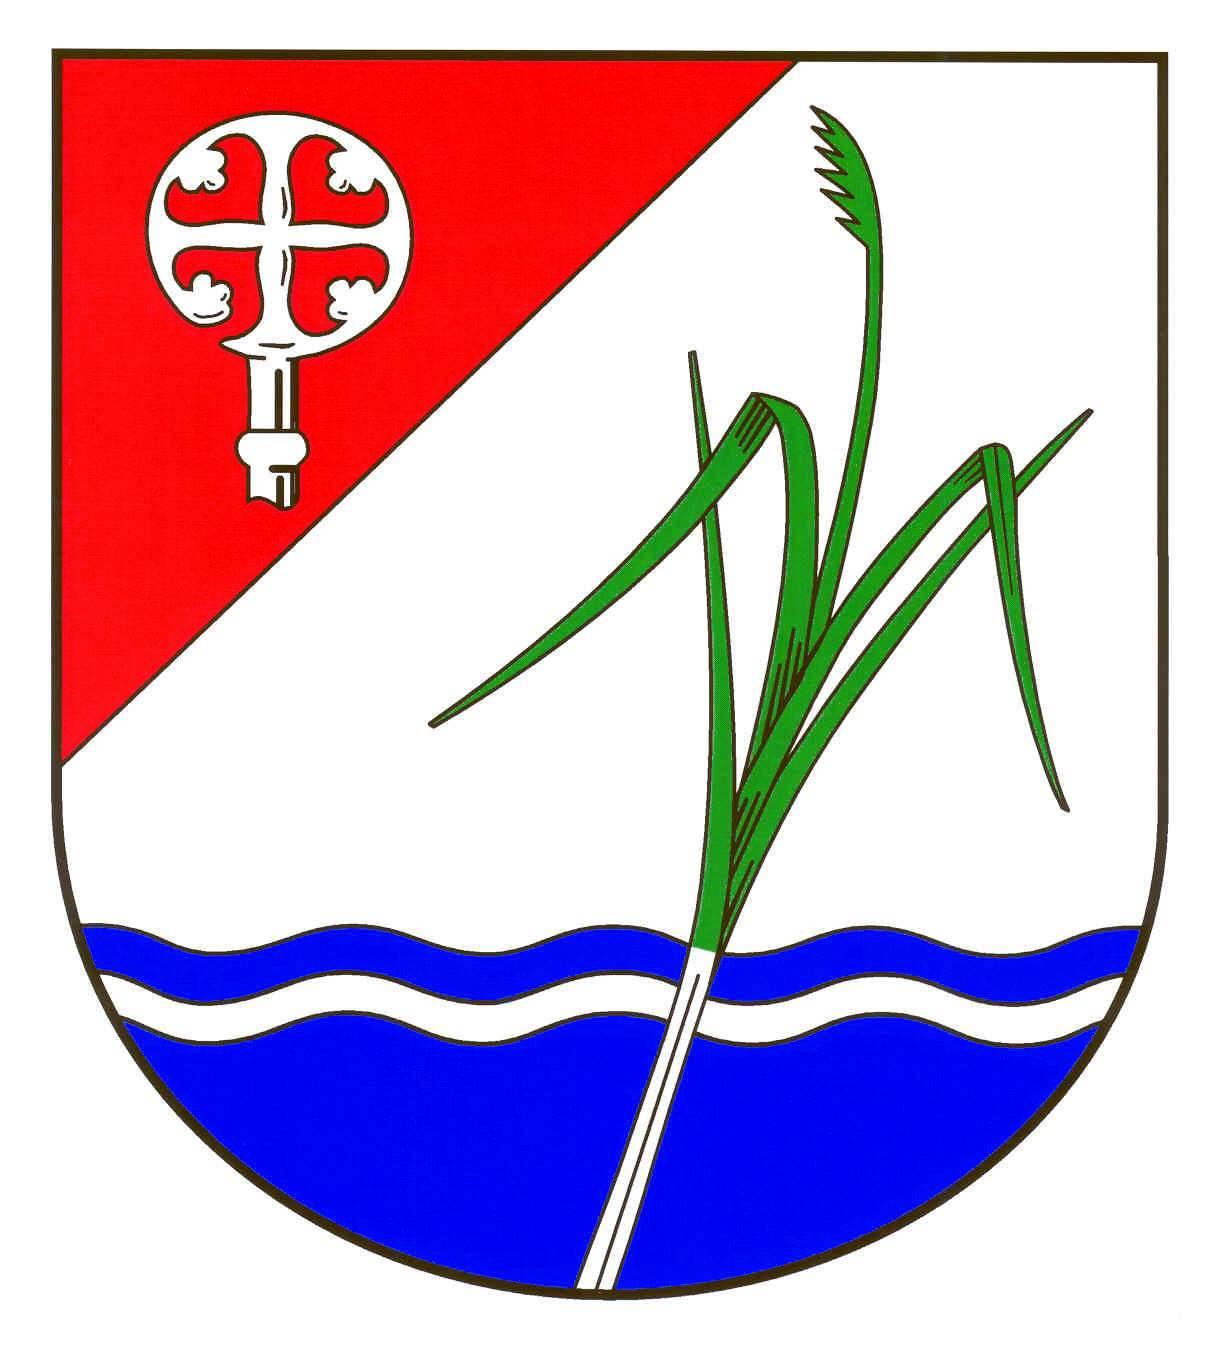 Wappen GemeindeMözen, Kreis Segeberg